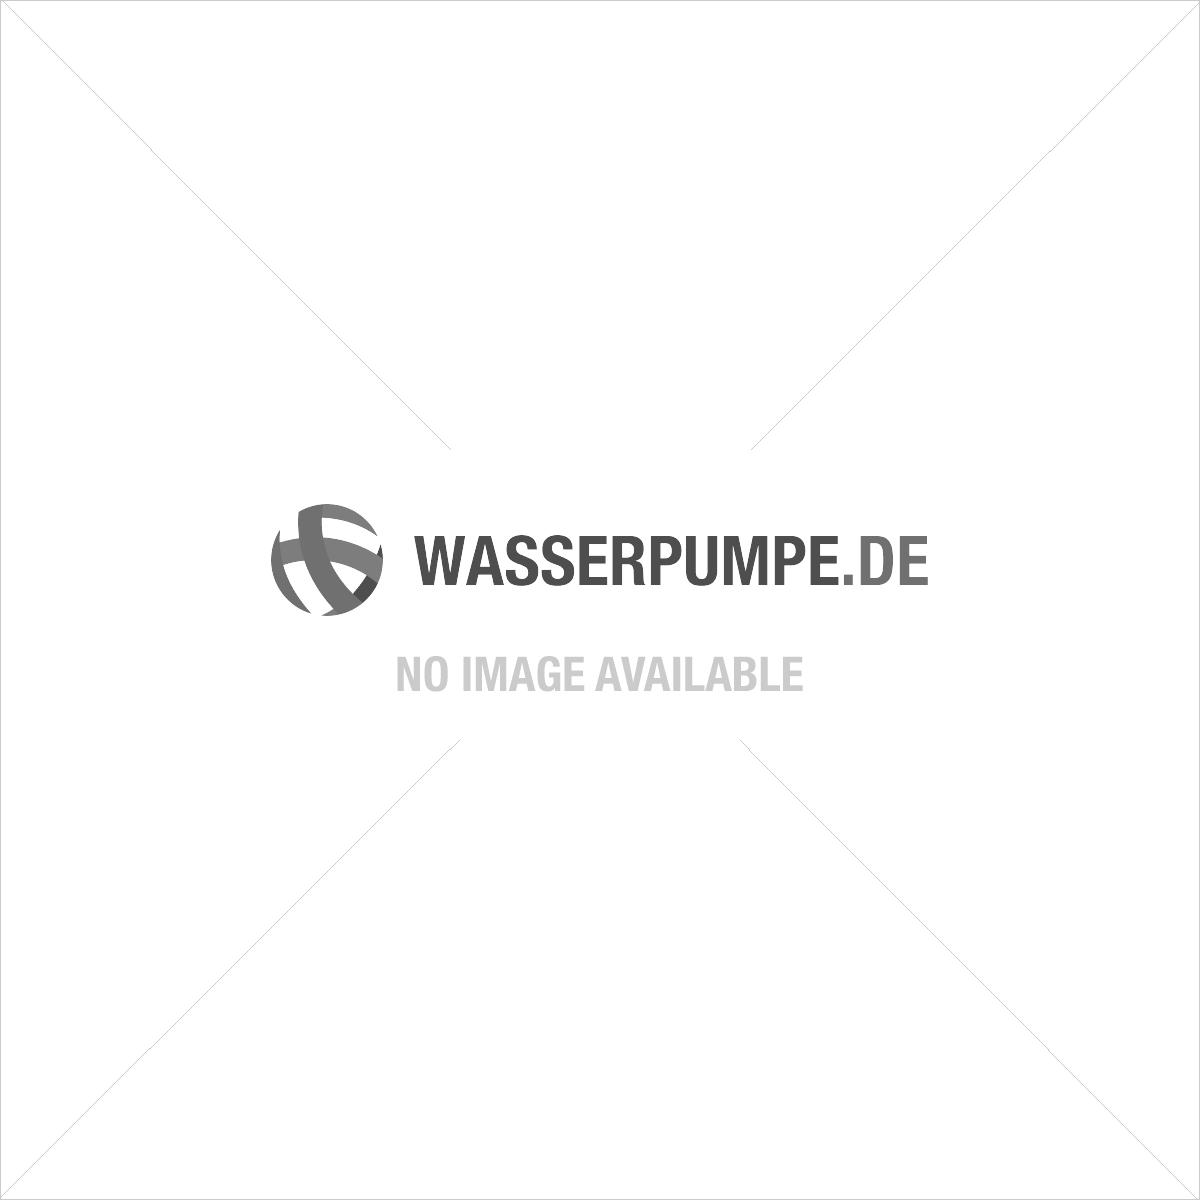 DAB Fekabox 200 Abfallwasserhebeanlage (Behälter)